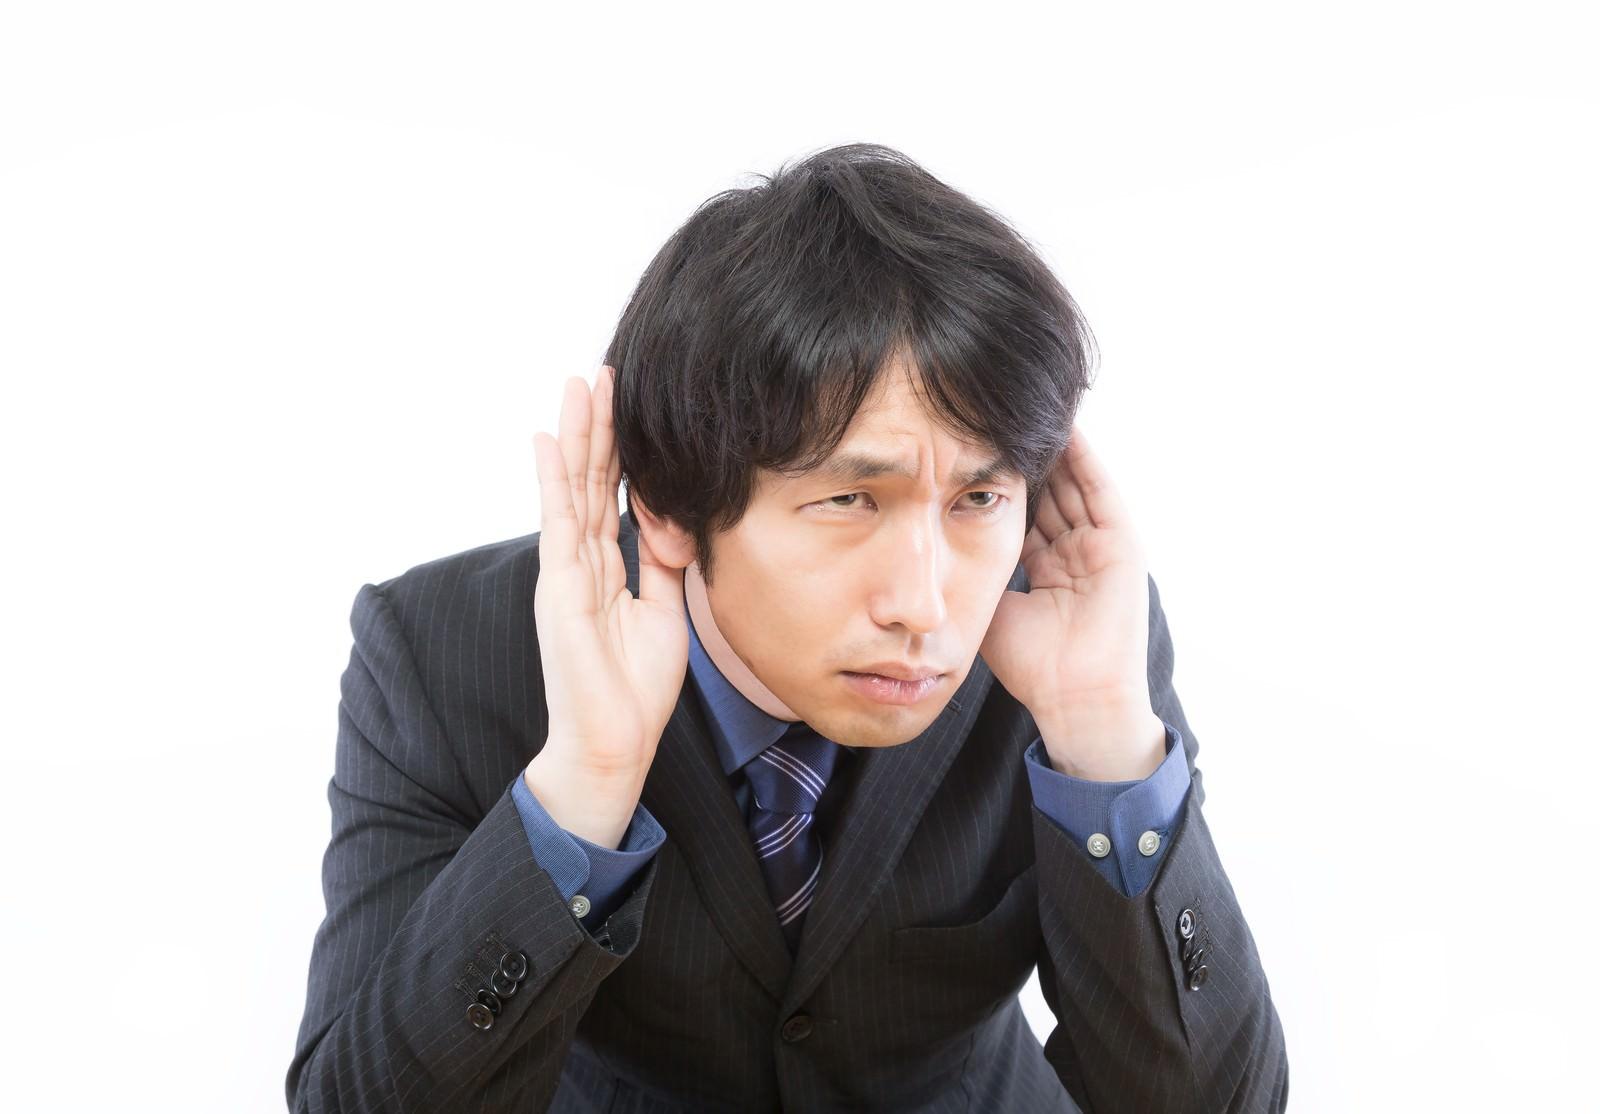 「具体的な追求をされると聞こえないふりをする男性」の写真[モデル:大川竜弥]